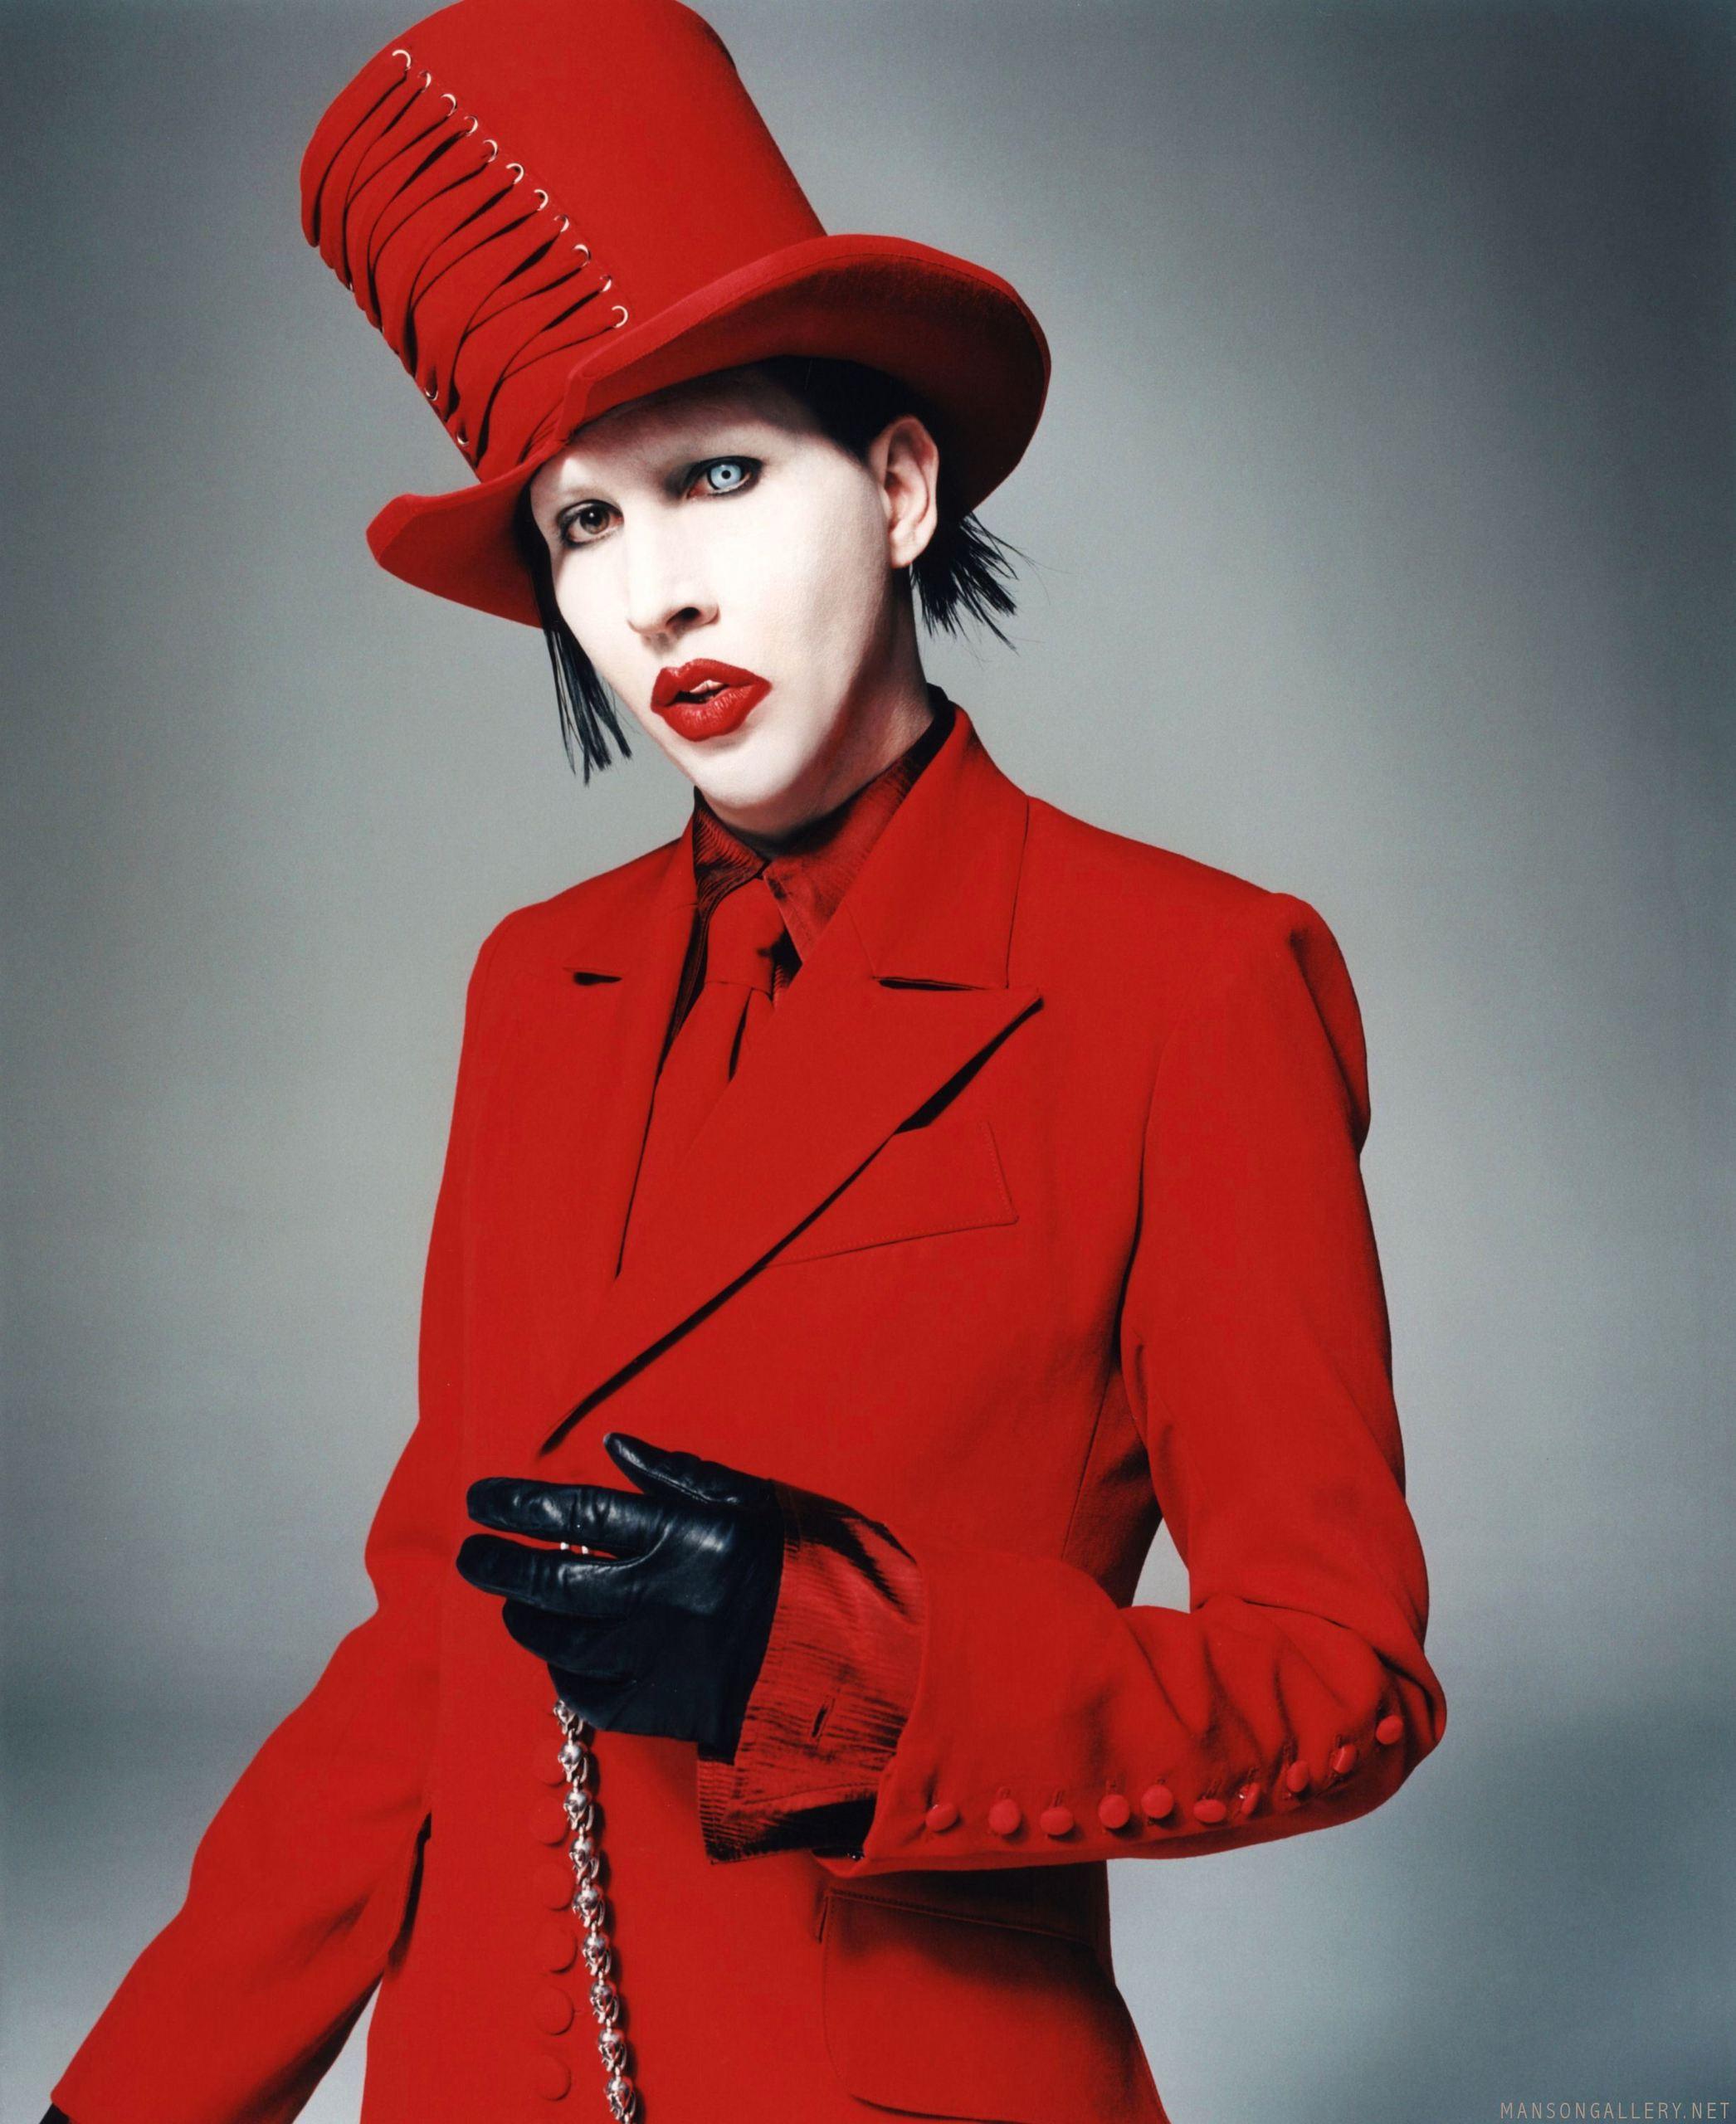 10 looks de Marilyn Manson que lo convierten en el dark lord de la moda